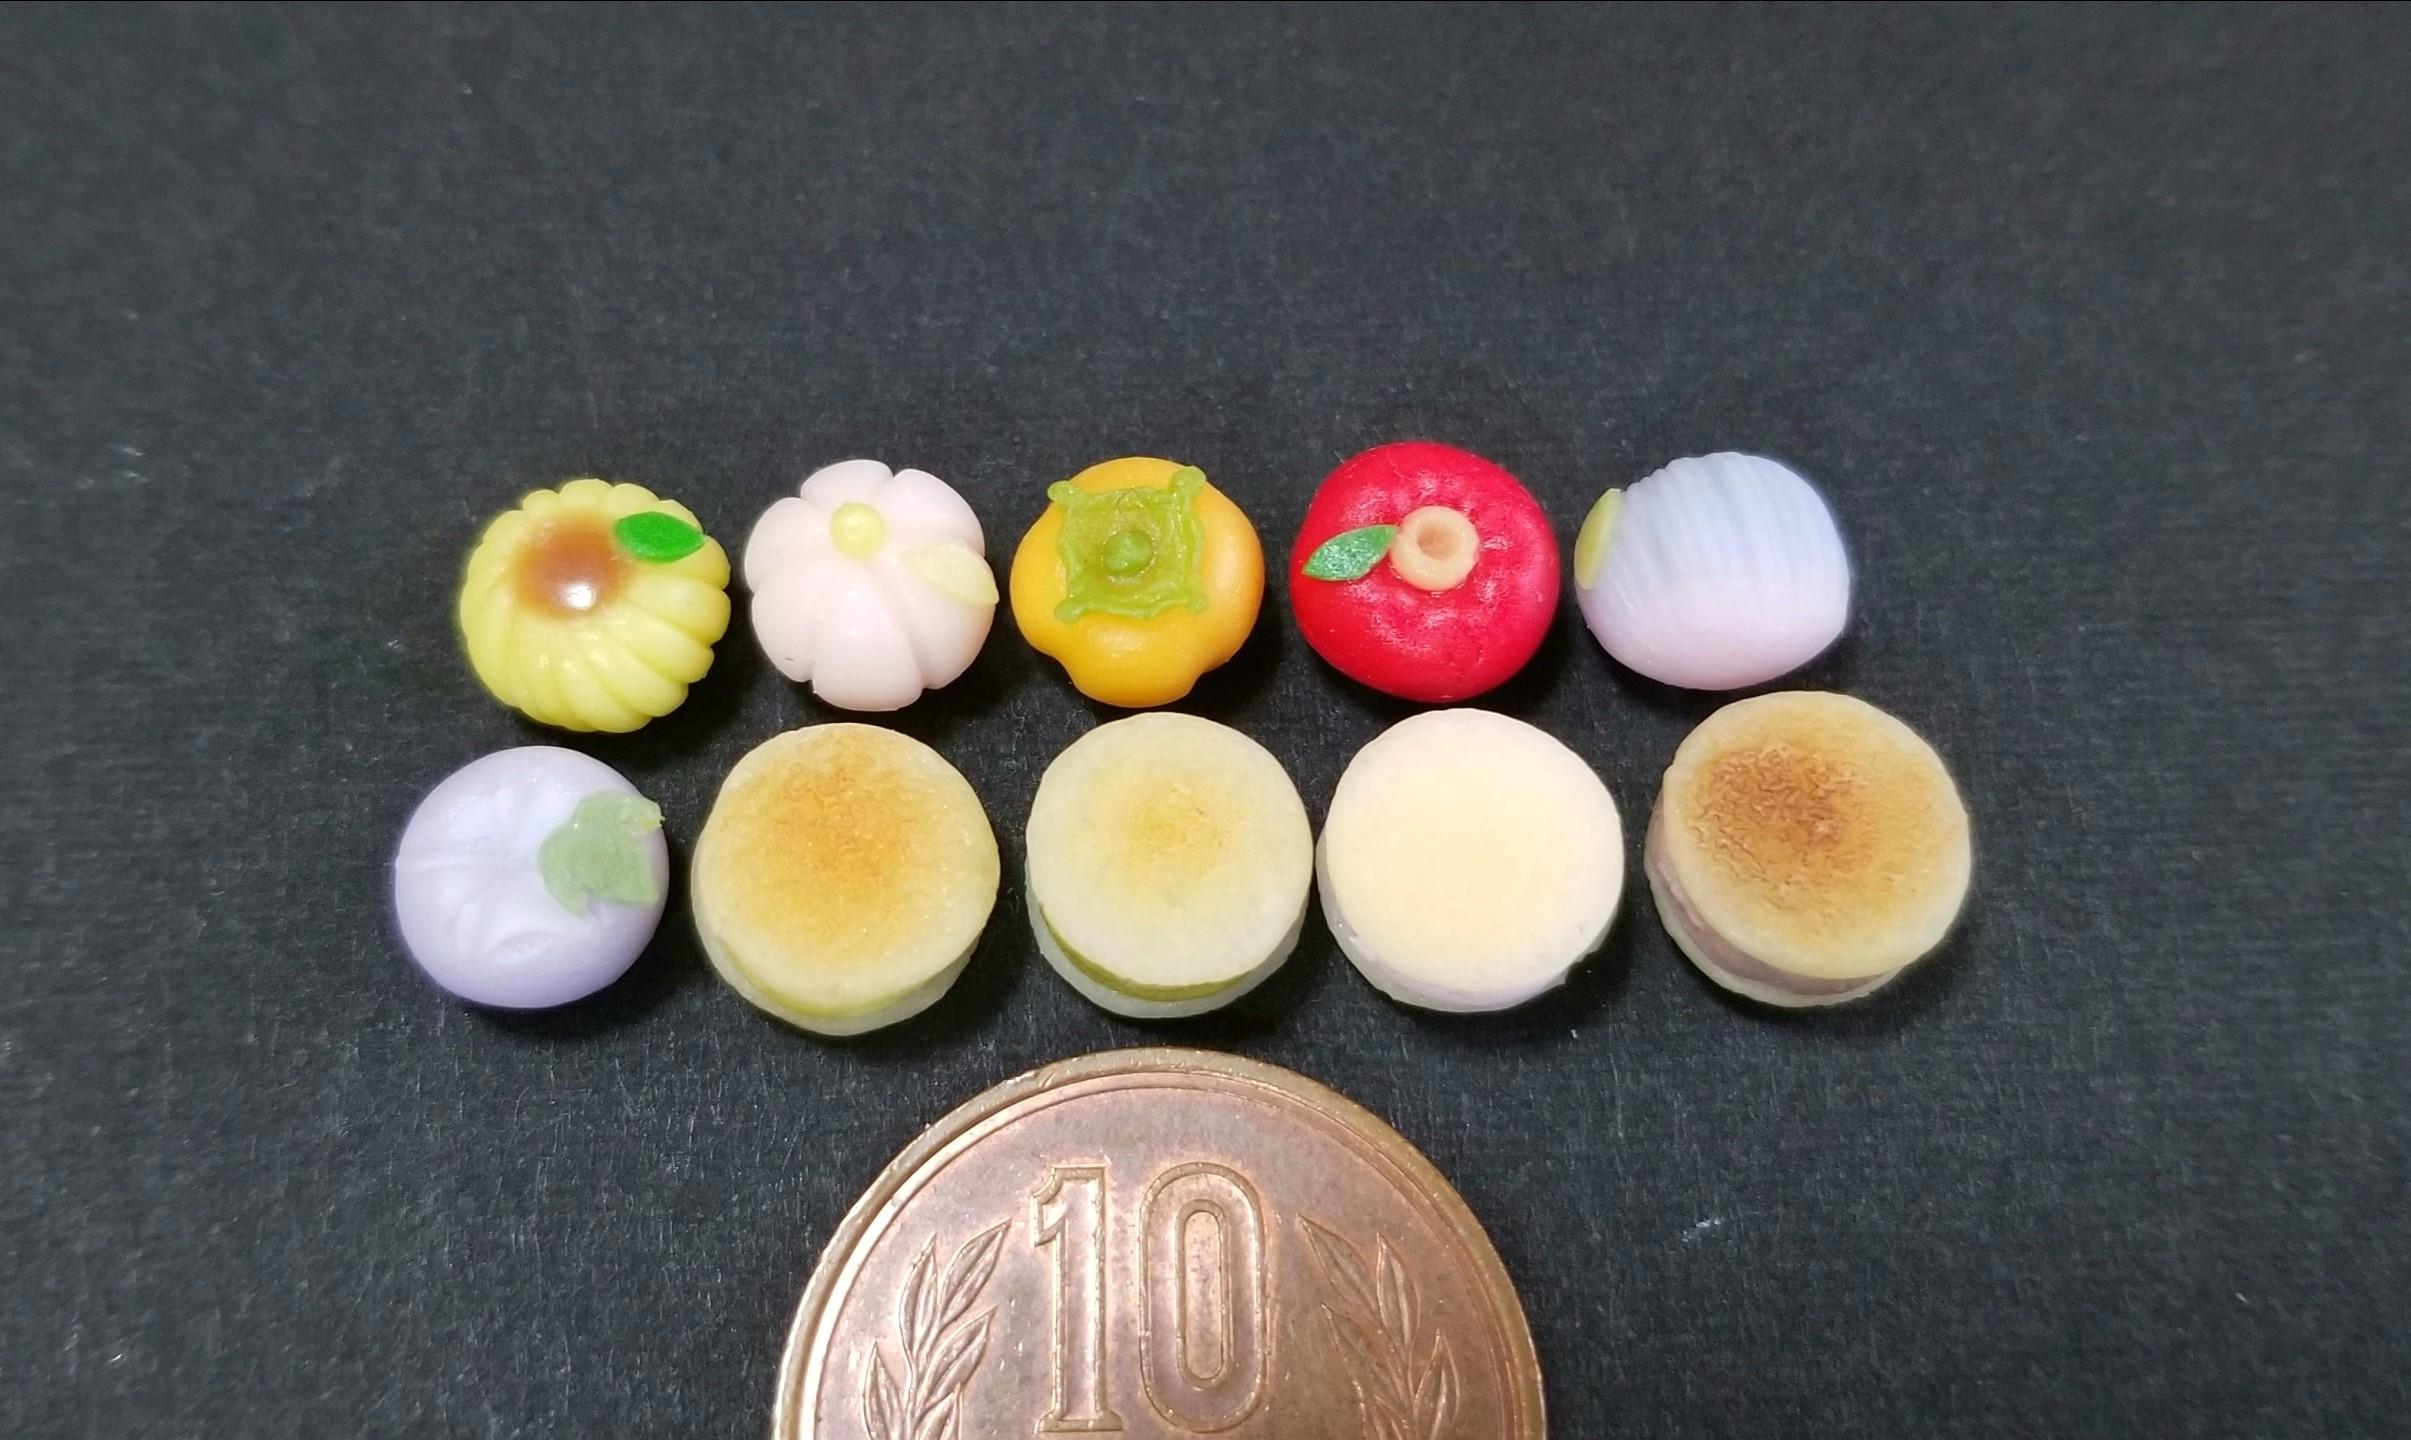 和菓子,ミニチュア,樹脂粘土,バービー人形,練りきり,あまむす